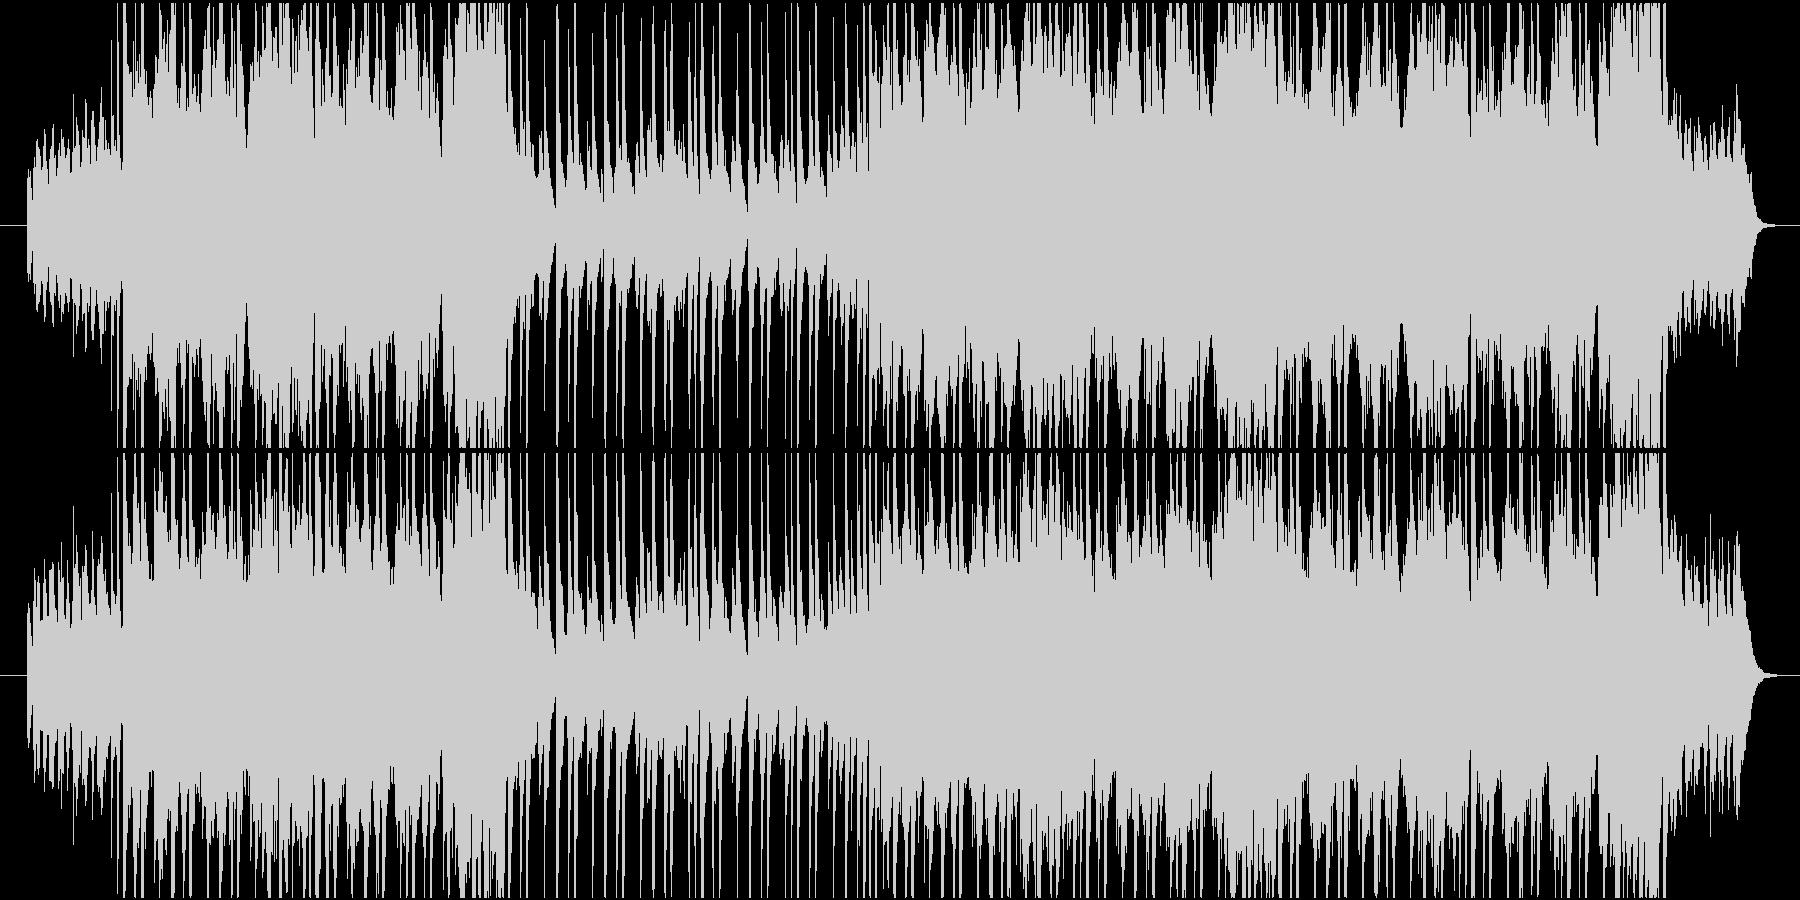 管・弦楽器をメインとした爽やかな楽曲の未再生の波形